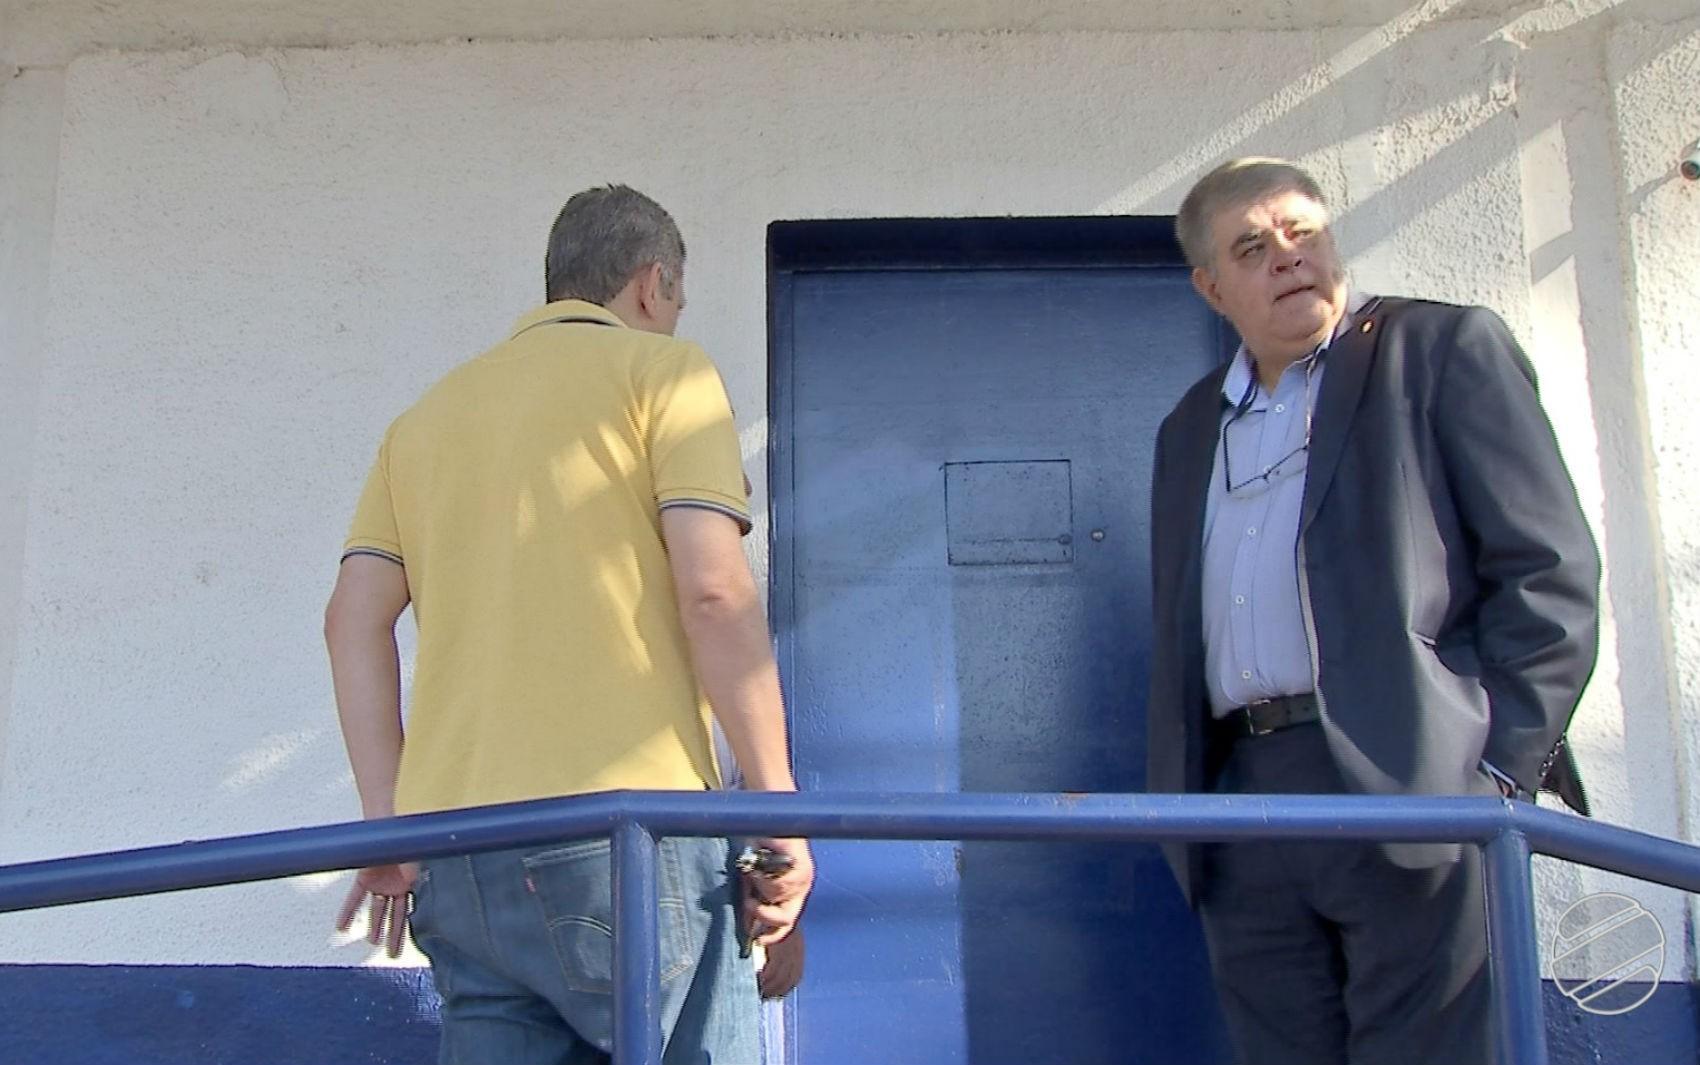 Marun desqualifica trabalho de força-tarefa que levou a prisão do ex-governador André Puccinelli